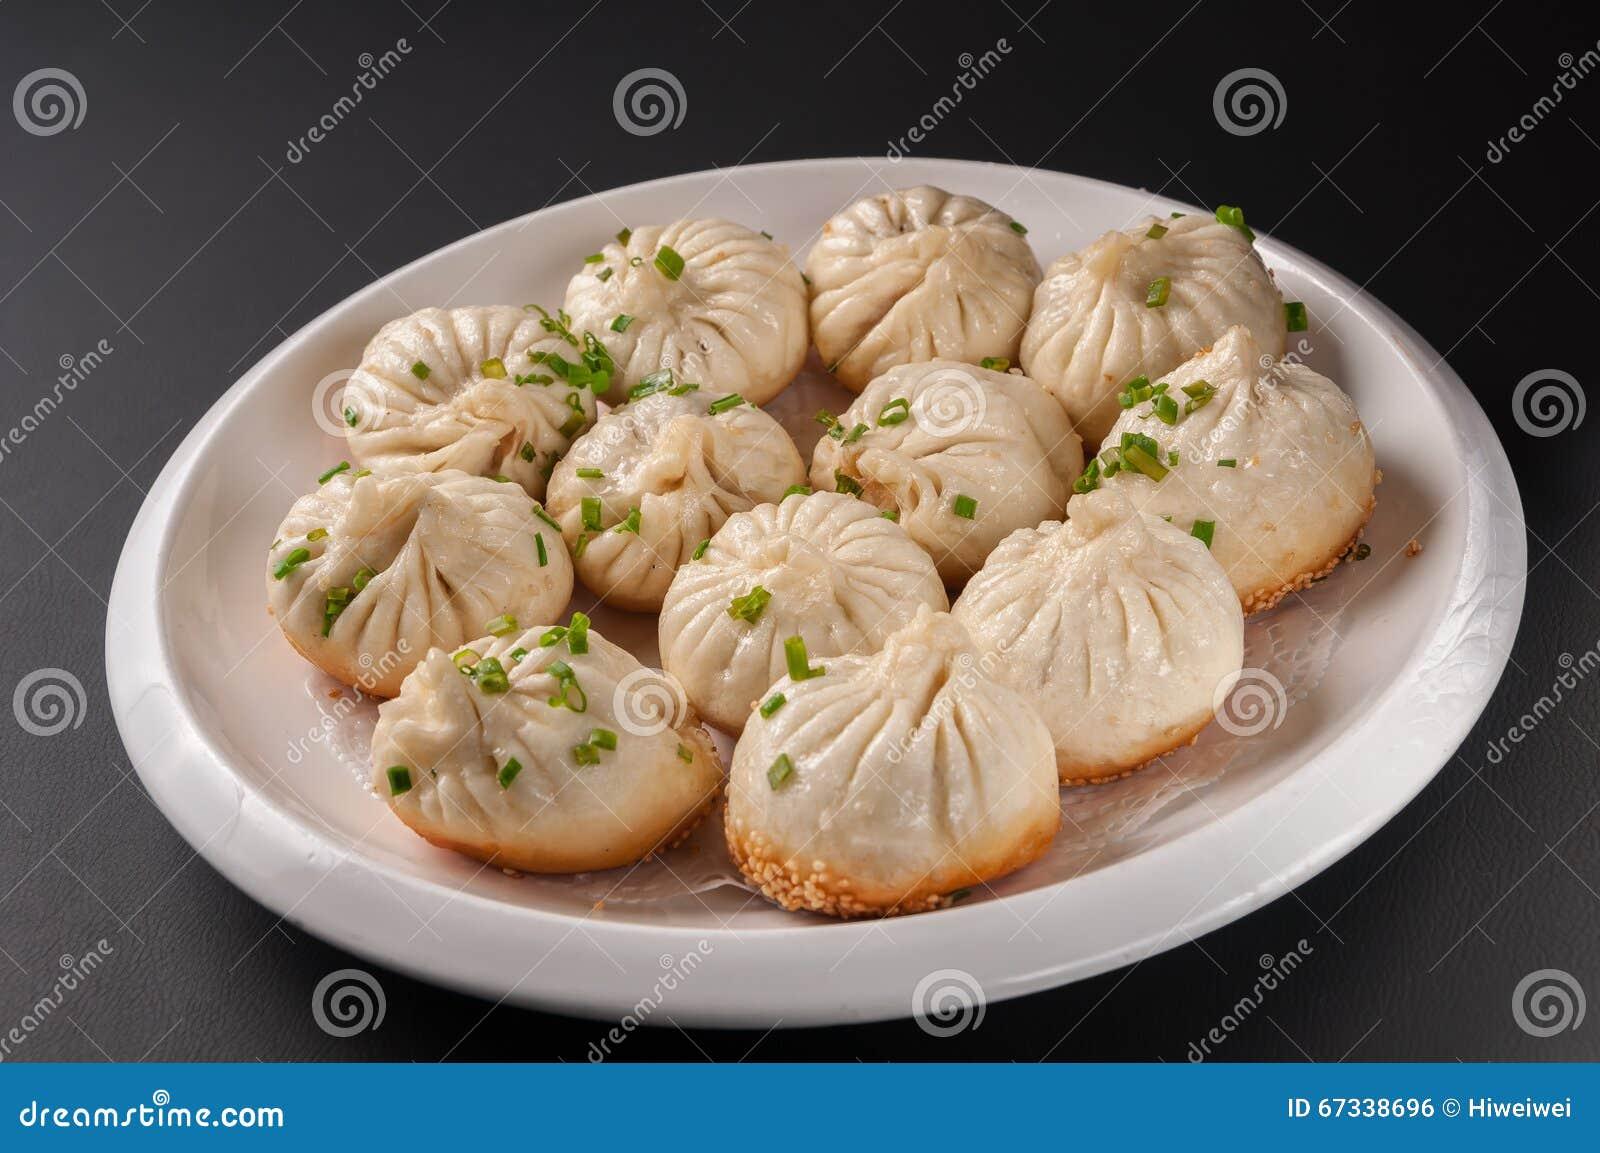 Shanghai Pan-Fried Baozi